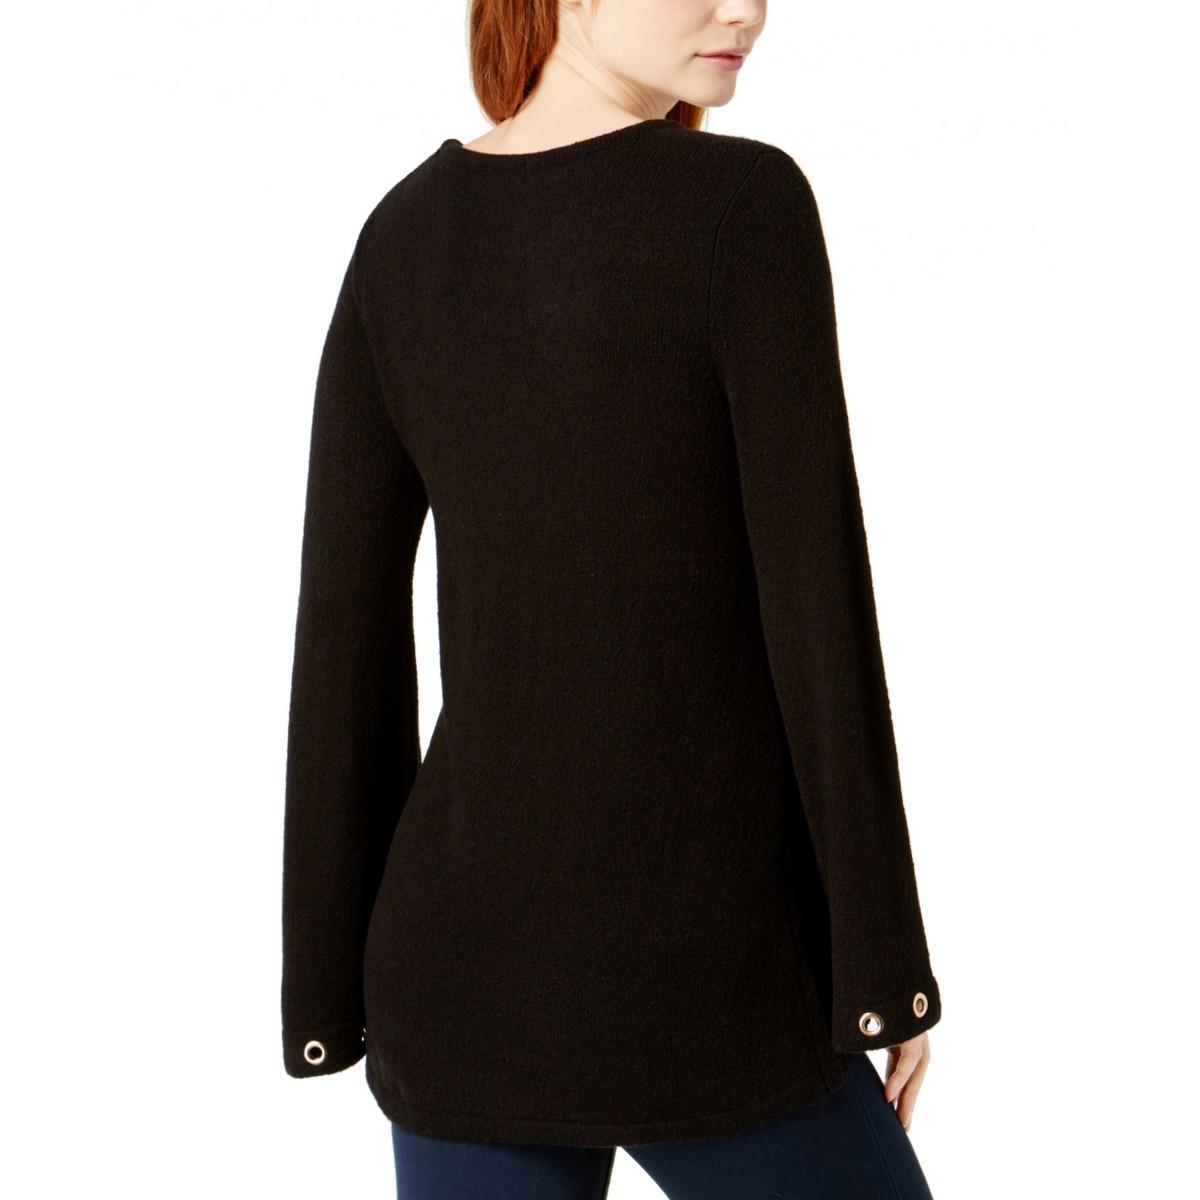 KENSIE-NEW-Women-039-s-Grommet-Bell-Sleeve-Crewneck-Sweater-Top-TEDO thumbnail 4